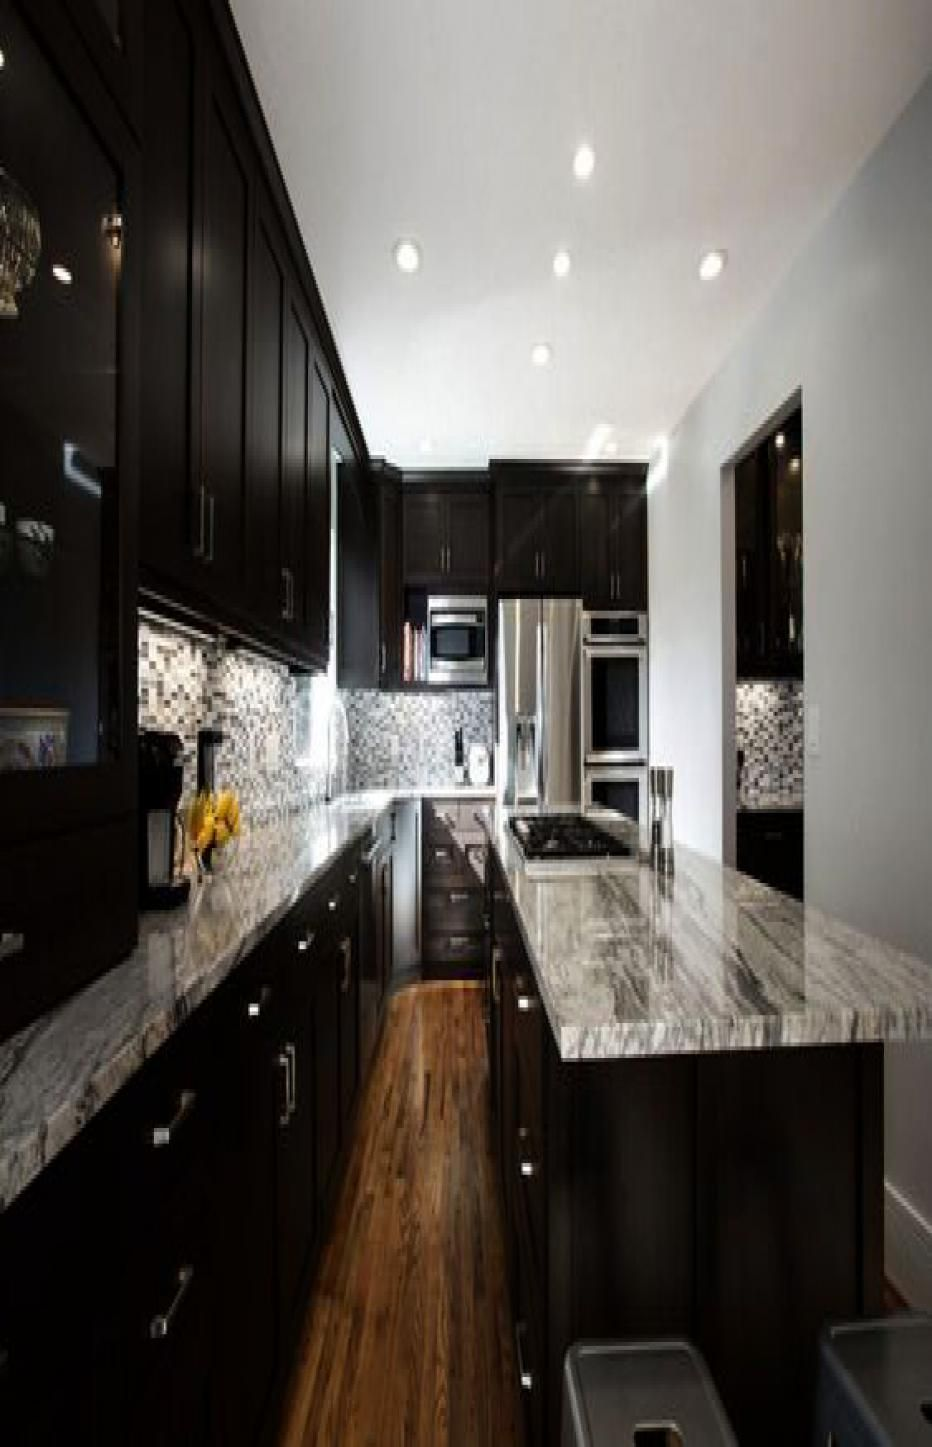 50 Pretty Small Kitchen Design Decor Ideas In 2020 Outdoor Kitchen Design Kitchen Remodel Kitchen Design